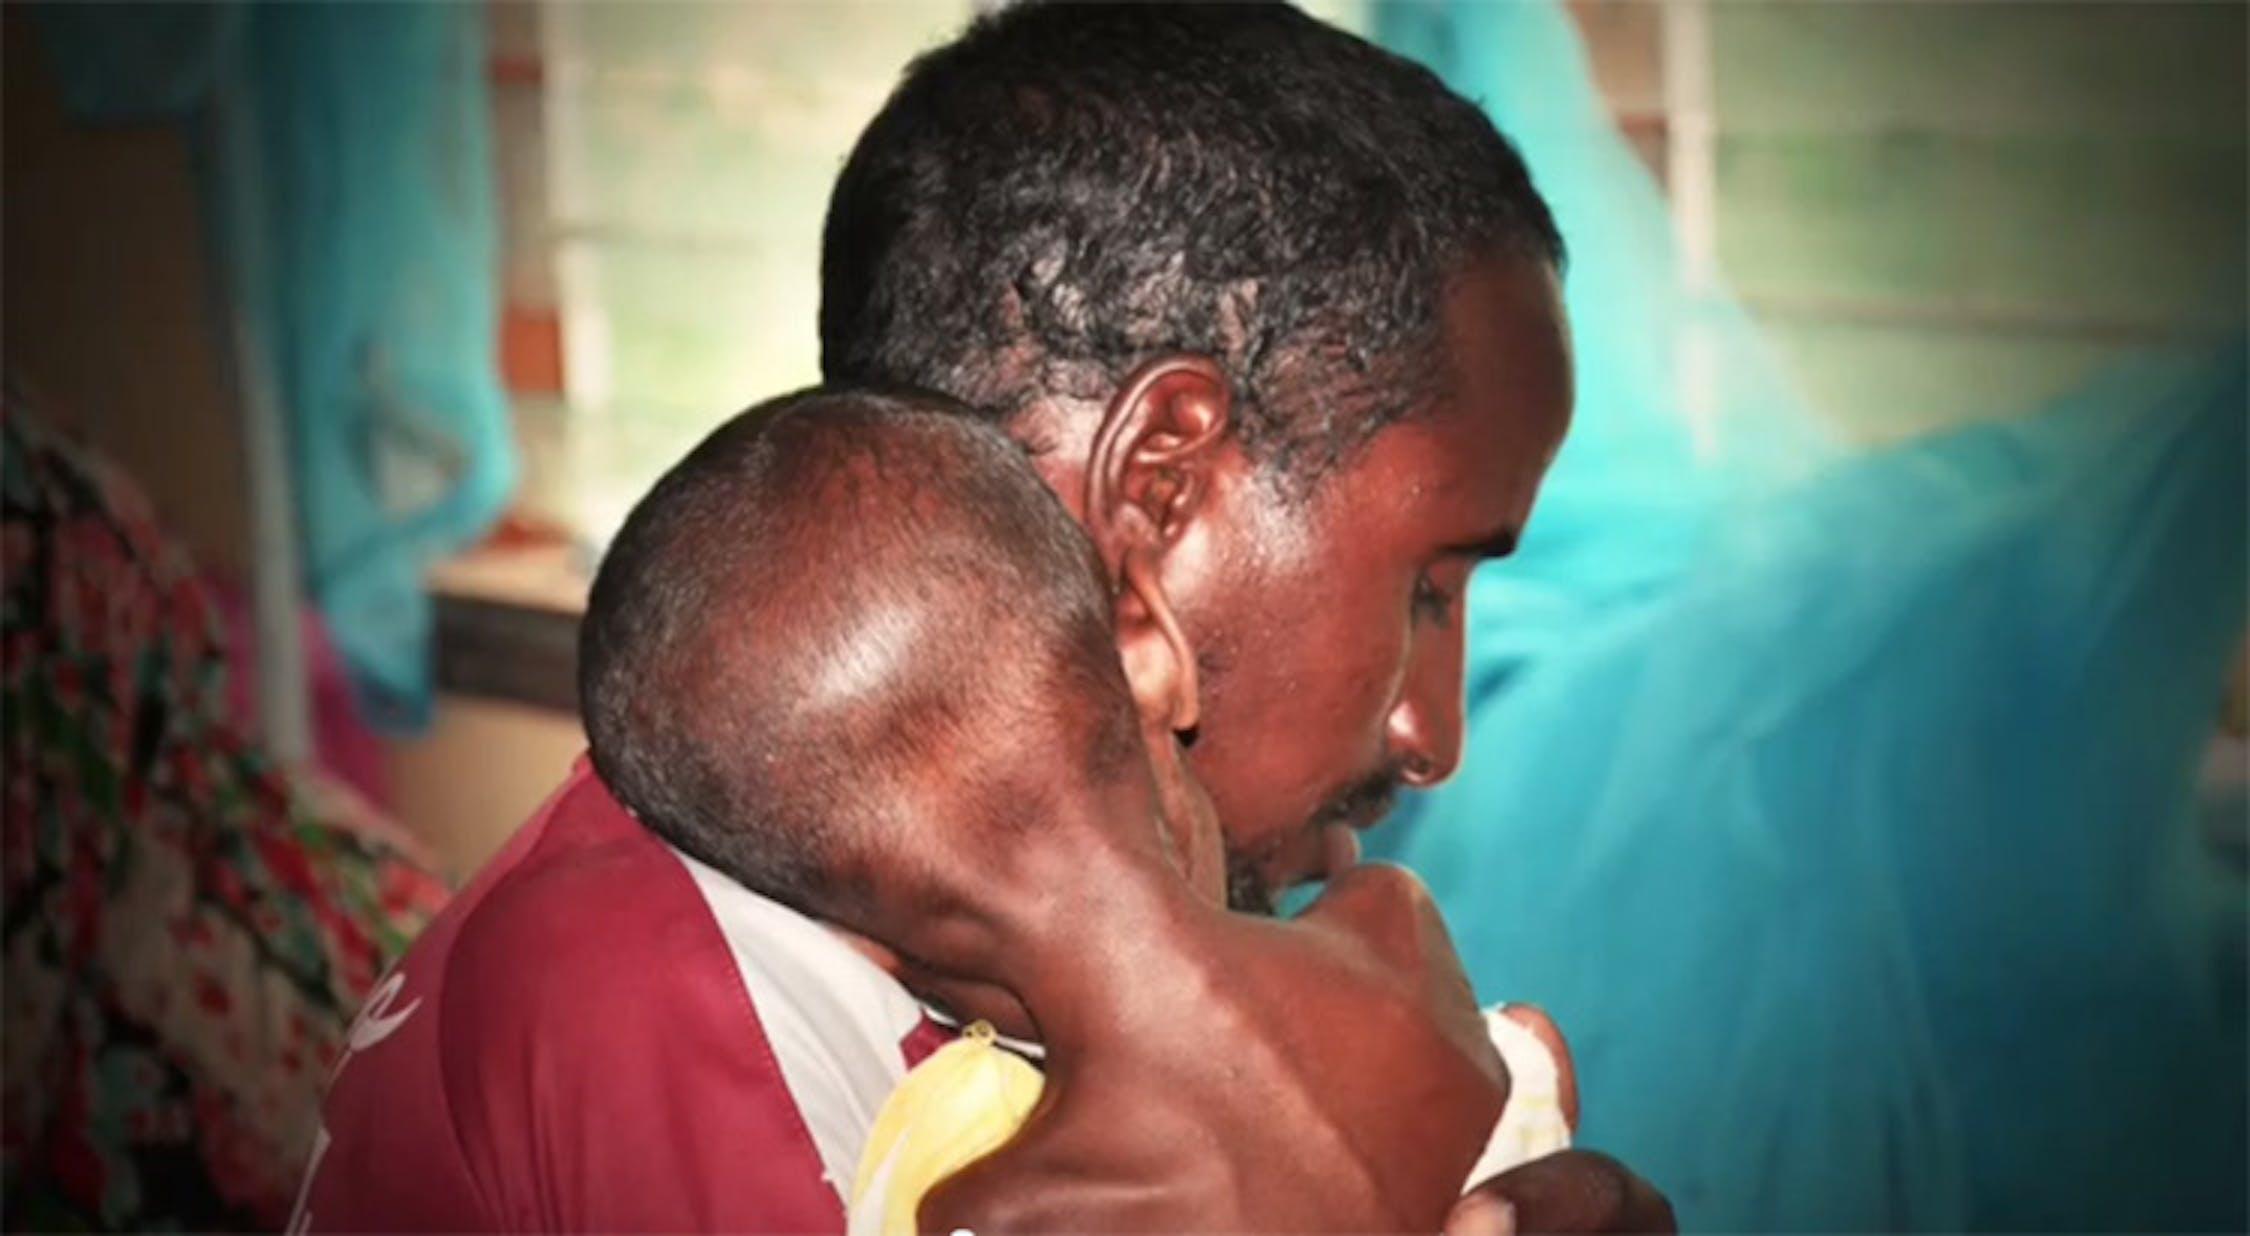 Padre e bambino in un Centro nutrizionale sostenuto dall'UNICEF: il piccolo, Aden, uscirà dalla struttura in buona salute - ©UNICEF Video/2011